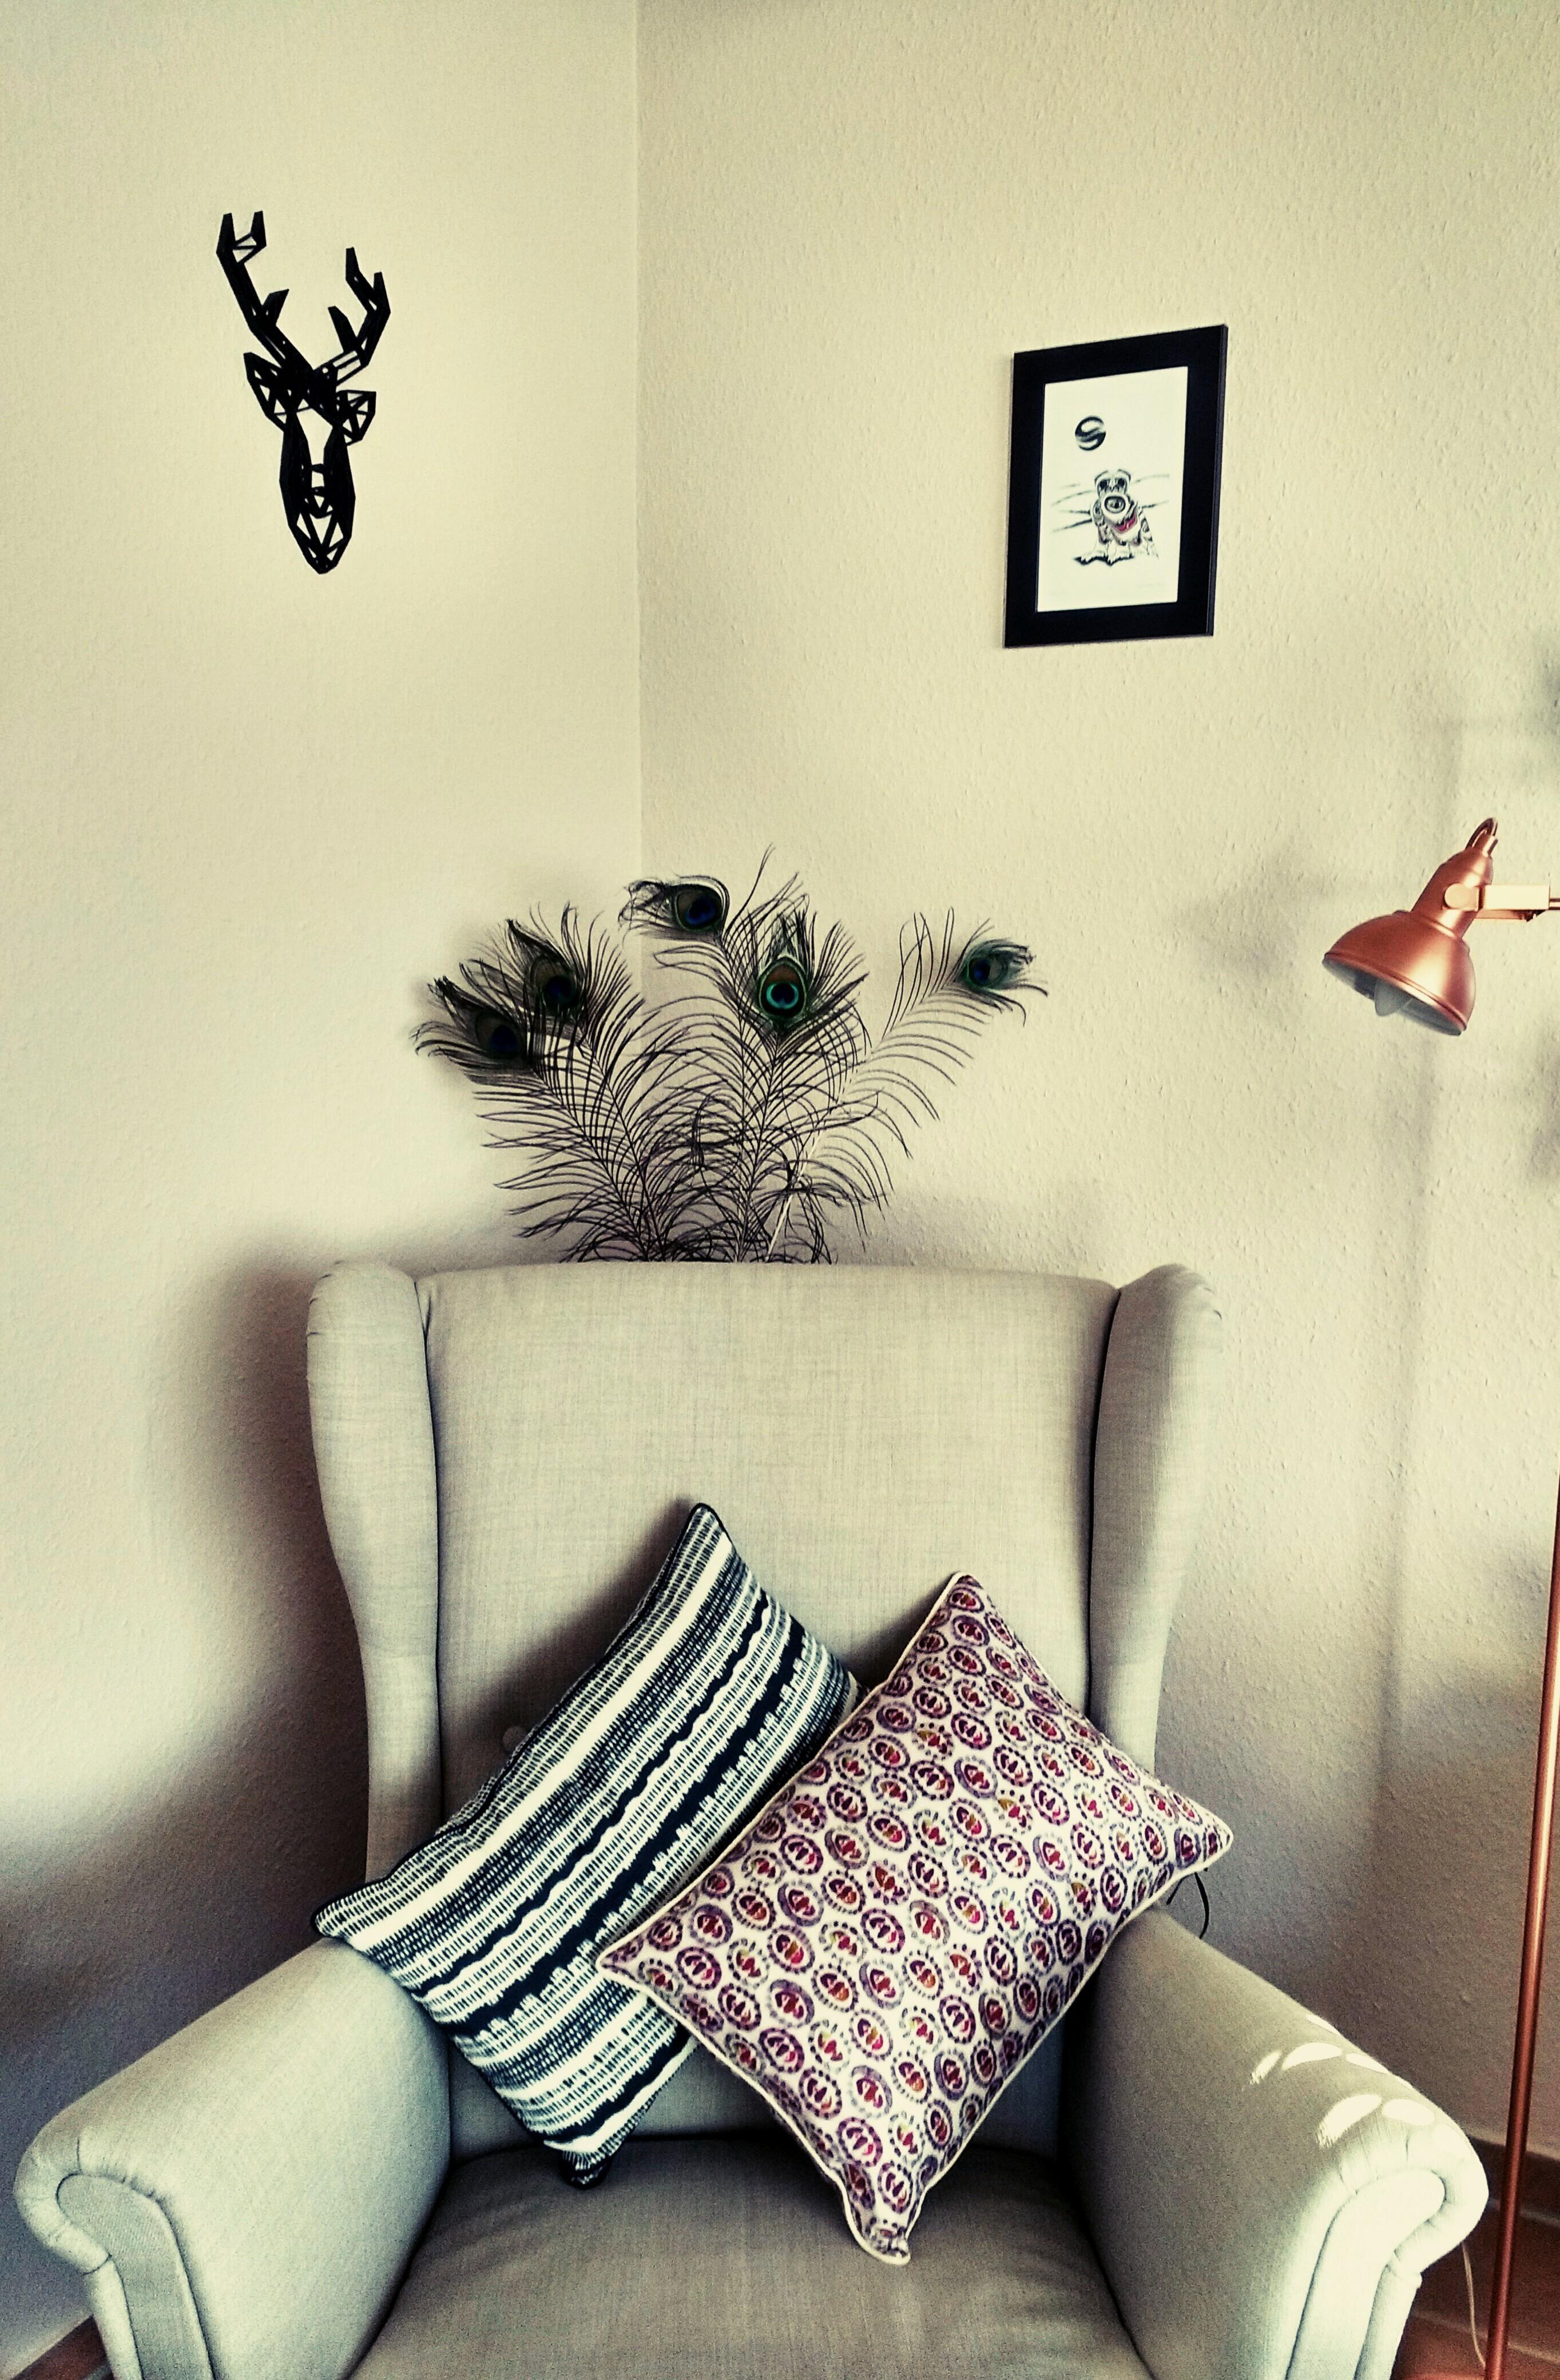 Mag Adventskalender adventskalender bilder ideen couchstyle